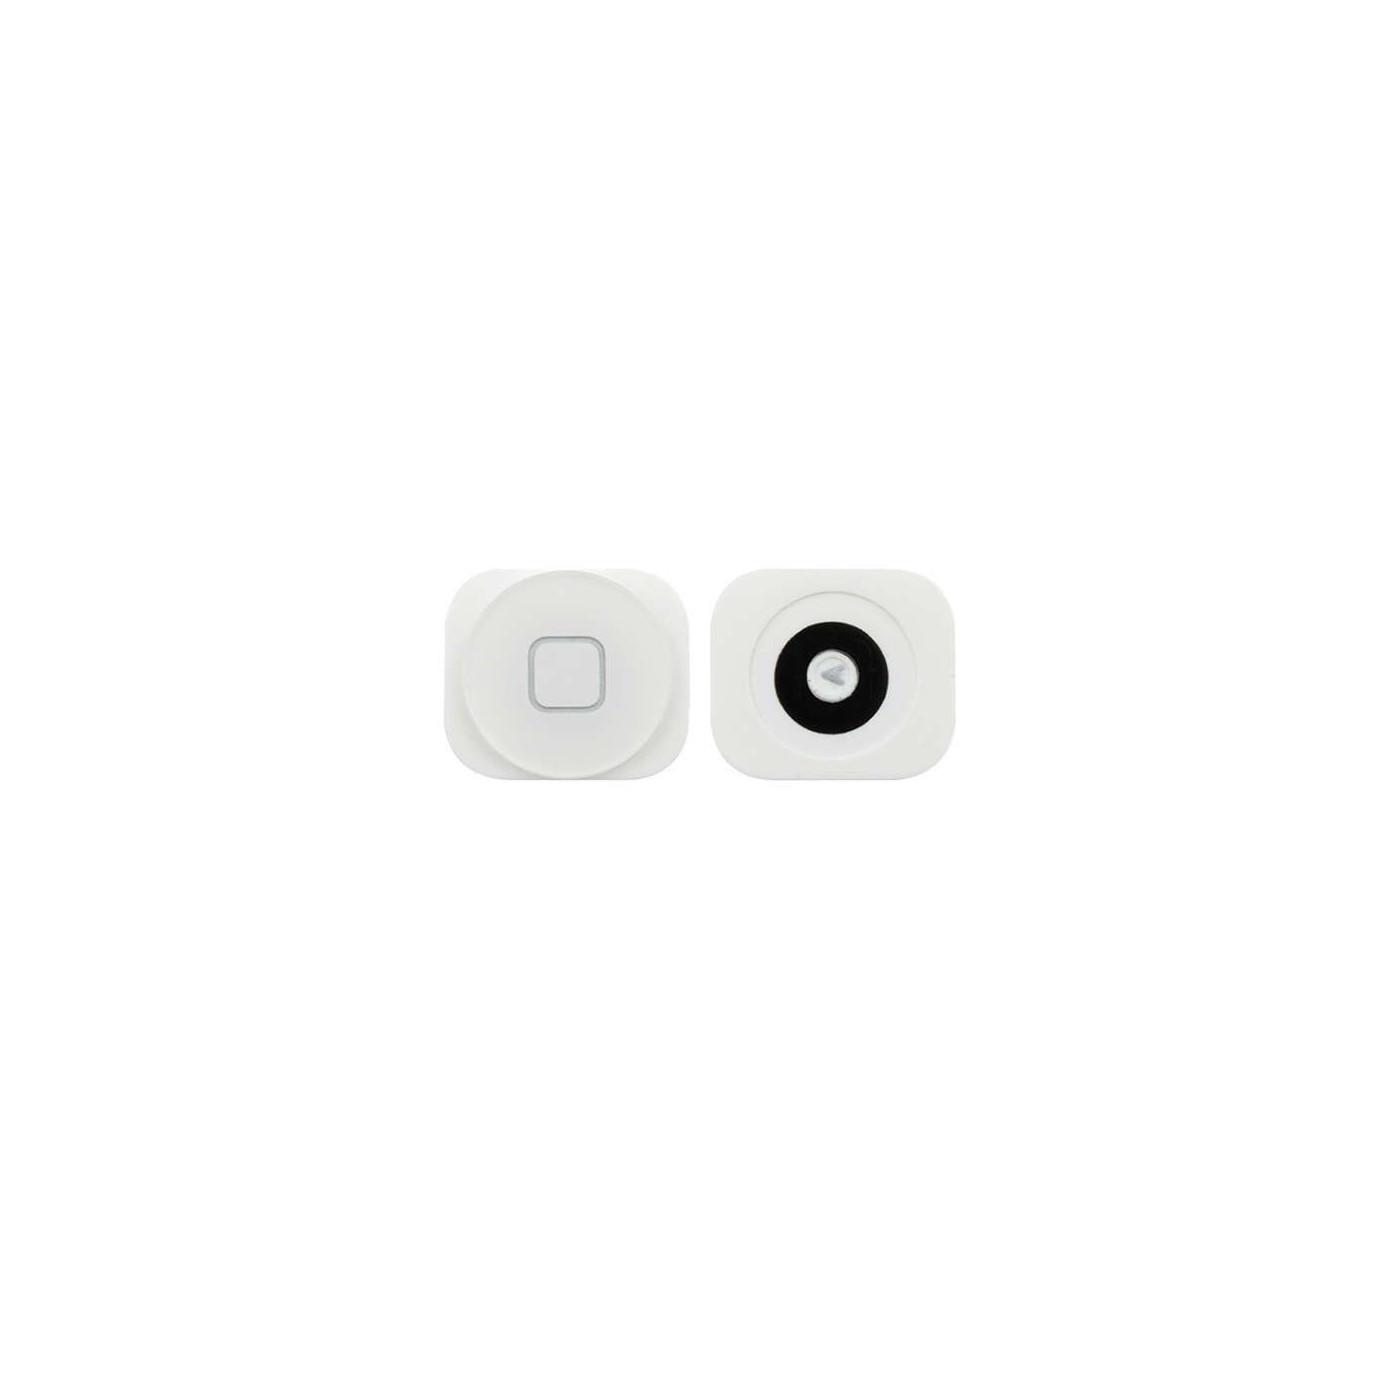 Bouton d'accueil pour apple iphone 5c bouton blanc bouton central bouton curseur